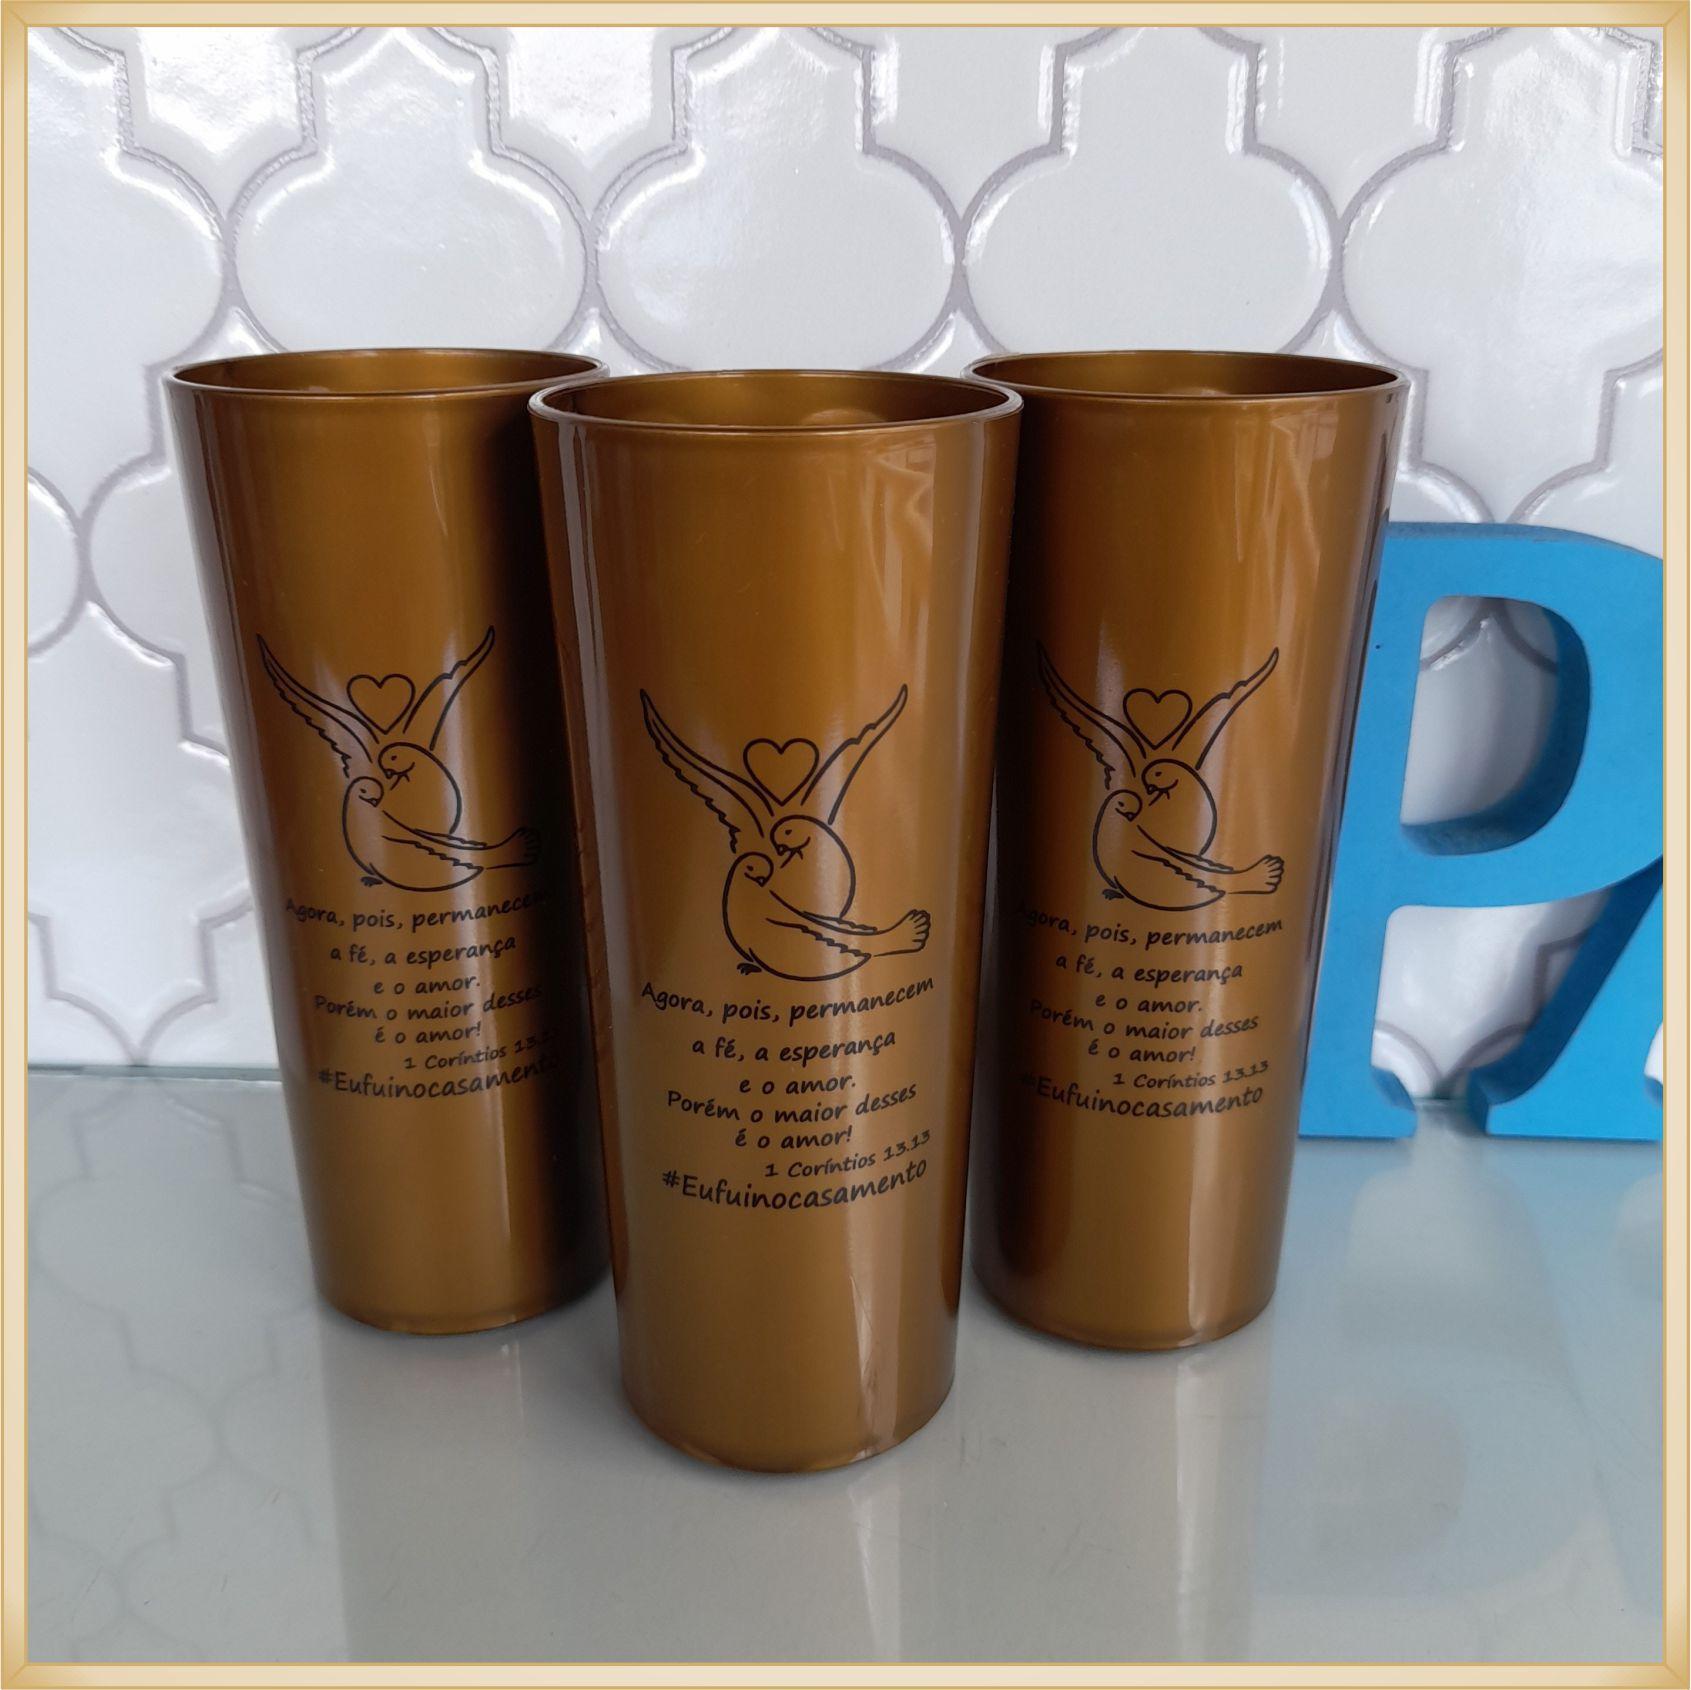 Copos long Drink Personalizados para casamento - estampas de qualidade, brilhante, ótimo acabamento, parede de 2,5mm, resistente, 325ml. kit 30 unid.